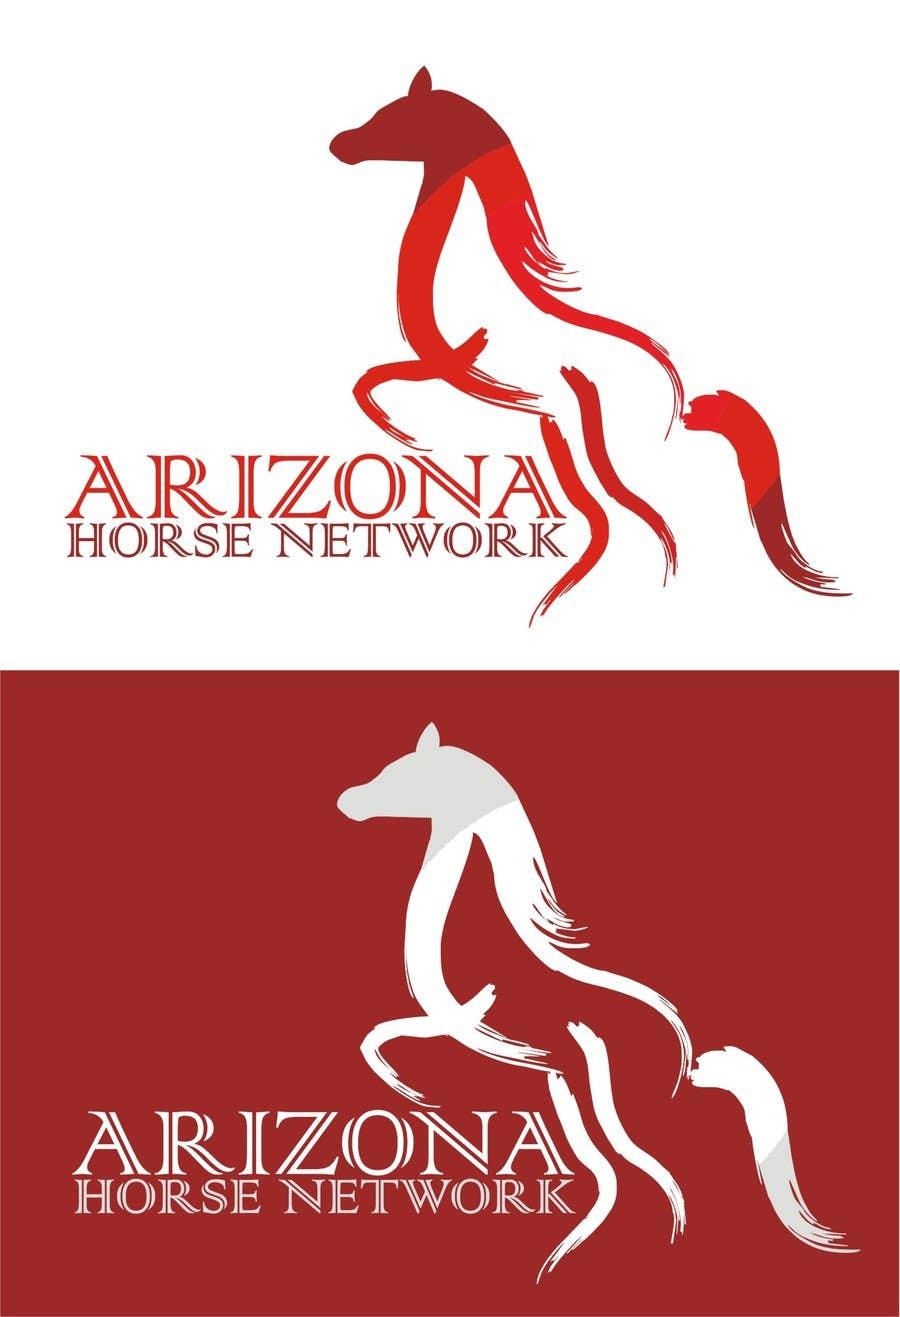 Kilpailutyö #31 kilpailussa Design a Logo for Arizona Horse Network